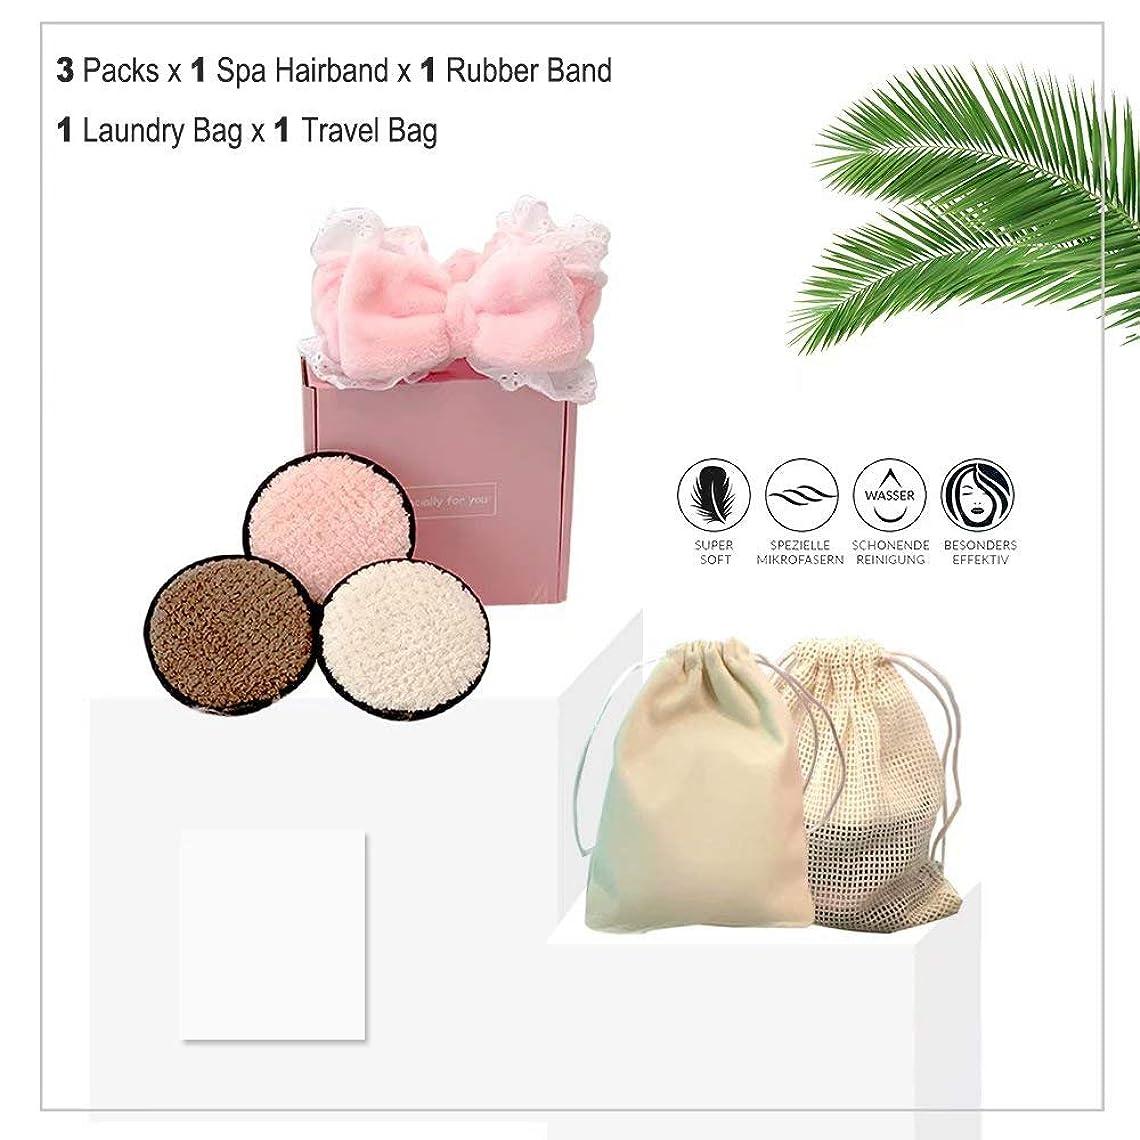 再利用可能な化粧リムーバーパッド、クリーニングパッドウォッシャブル3個パッド1個+ヘッドバンド(ランドリーバッグと旅行用バッグ付き)731